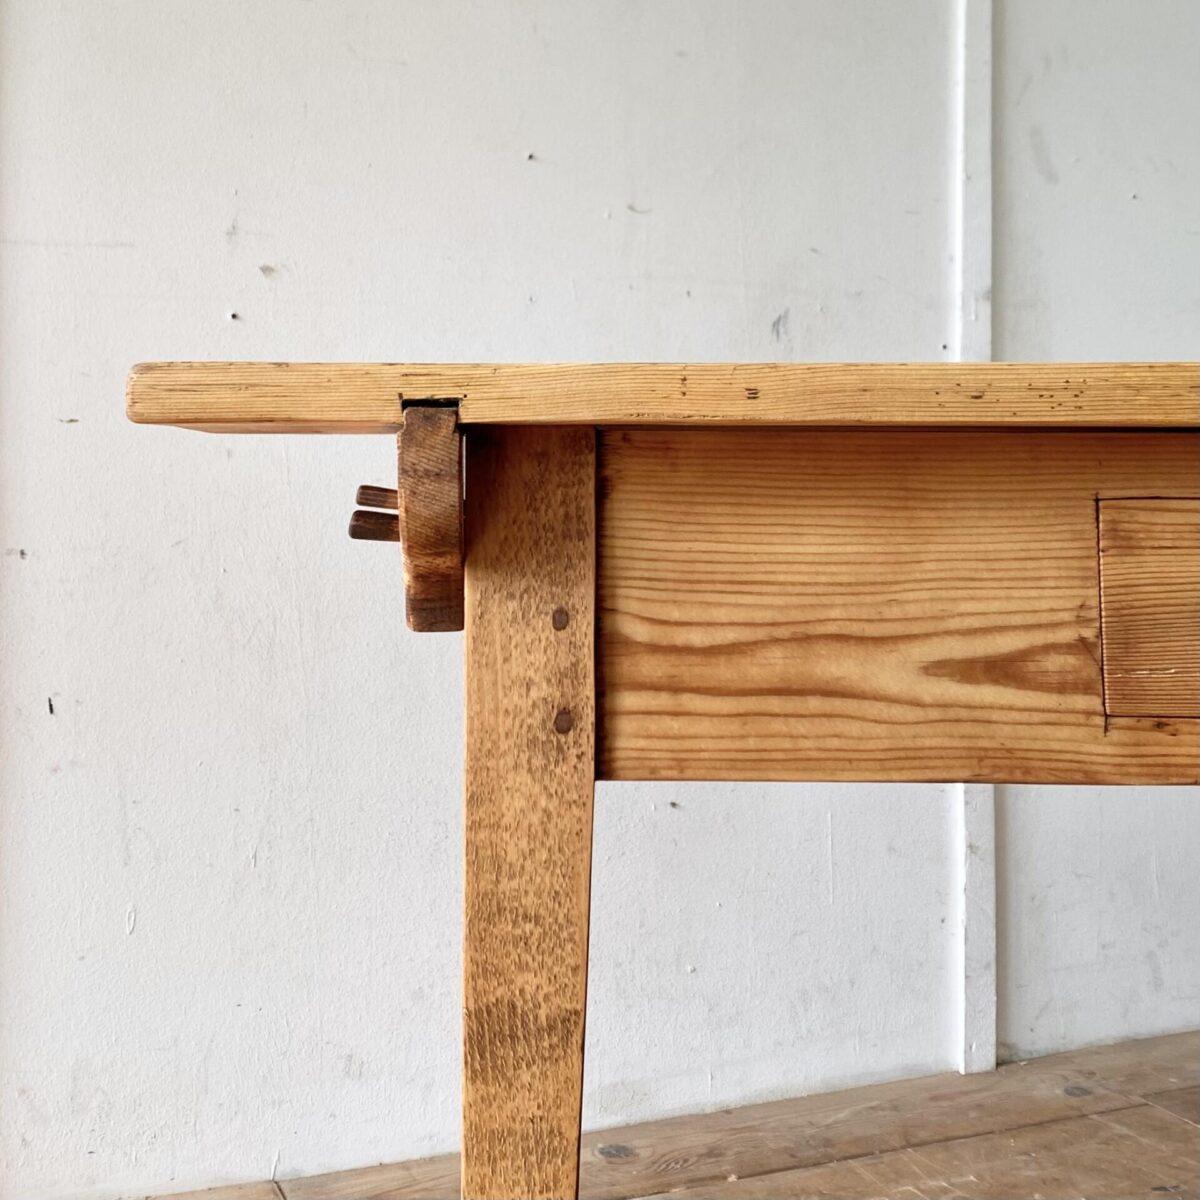 Tannenholz Biedermeier Schreibtisch mit Schublade. 120x70cm Höhe 79.5cm. Konische Tischbeine aus Buchenholz, das Tischblatt mit Gratleisten wird mittels Holzzapfen mit dem Unterbau verbunden.